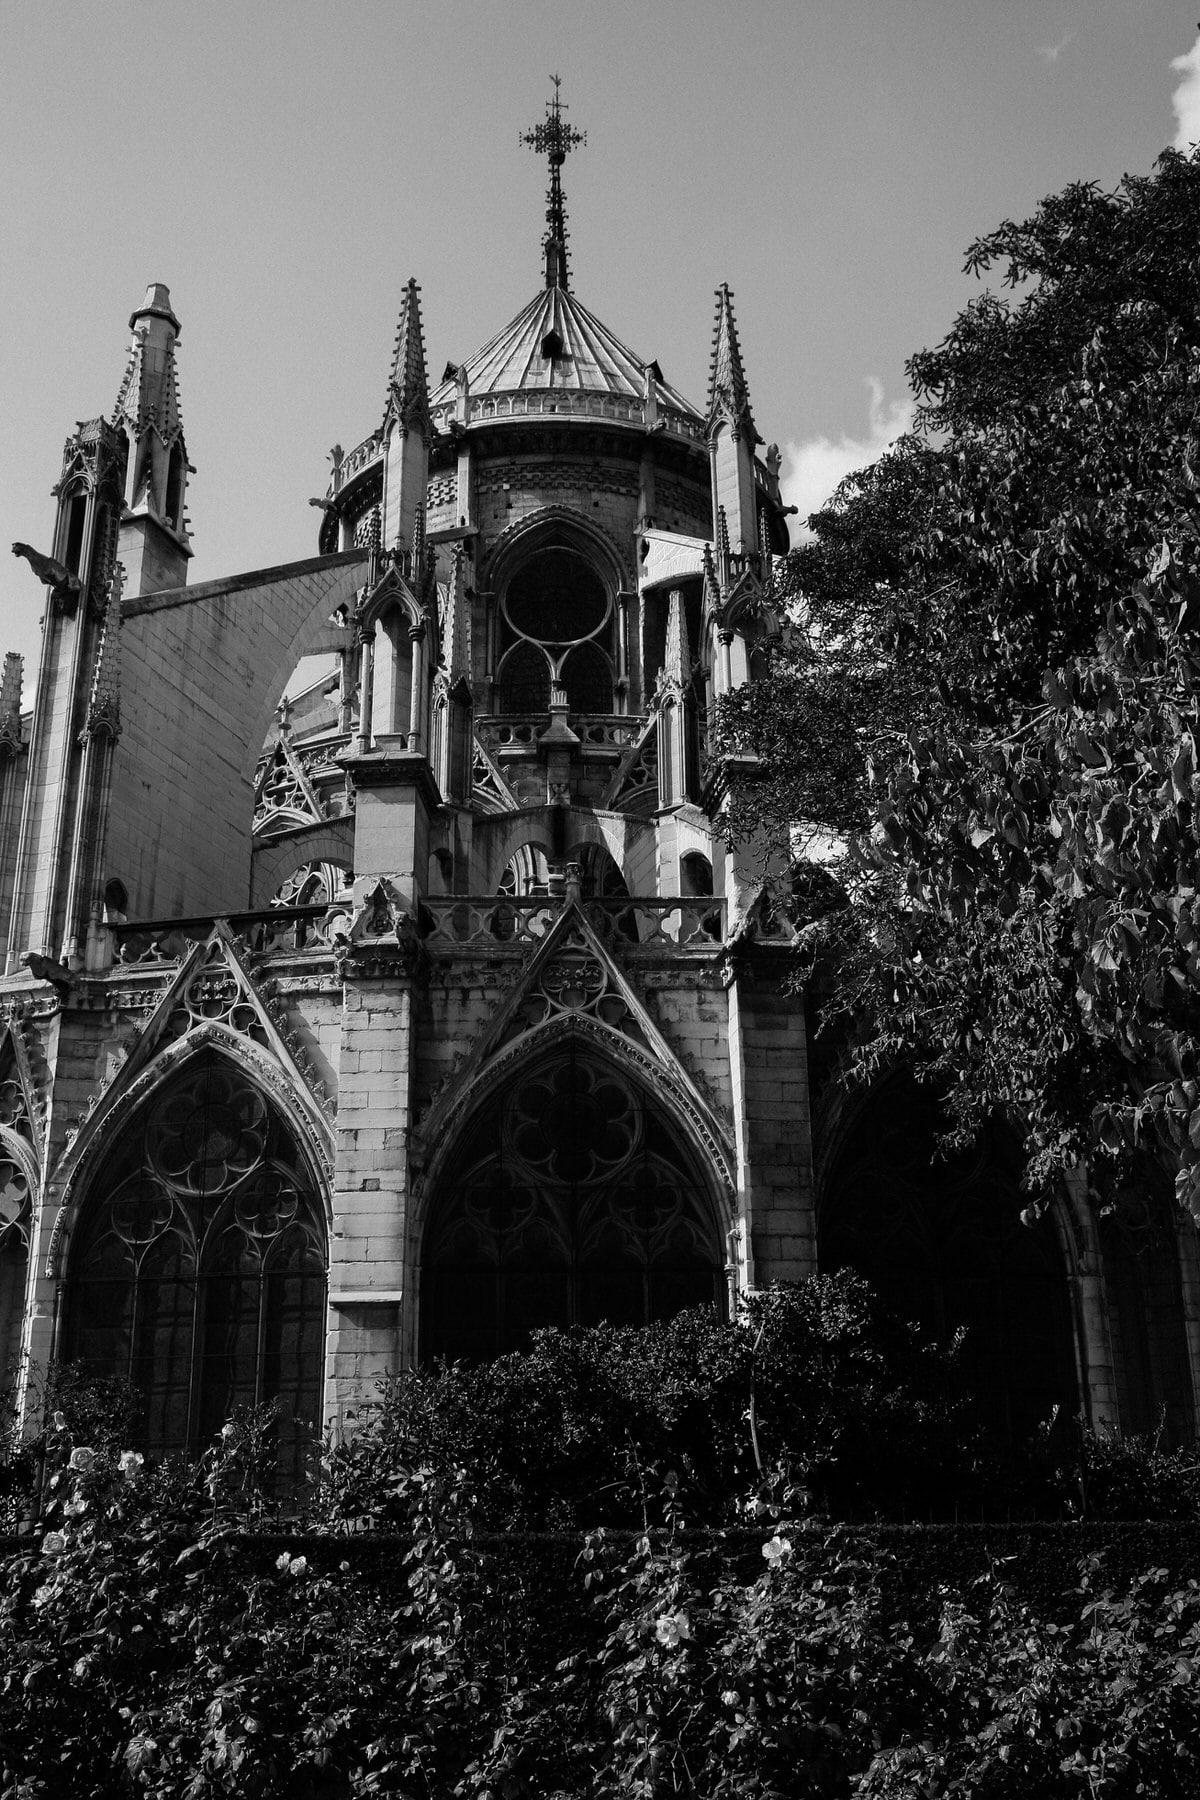 Notre-Dame-Paris-France-fine-art-photography-by-Studio-L-photographer-Laura-Schneider-_4995